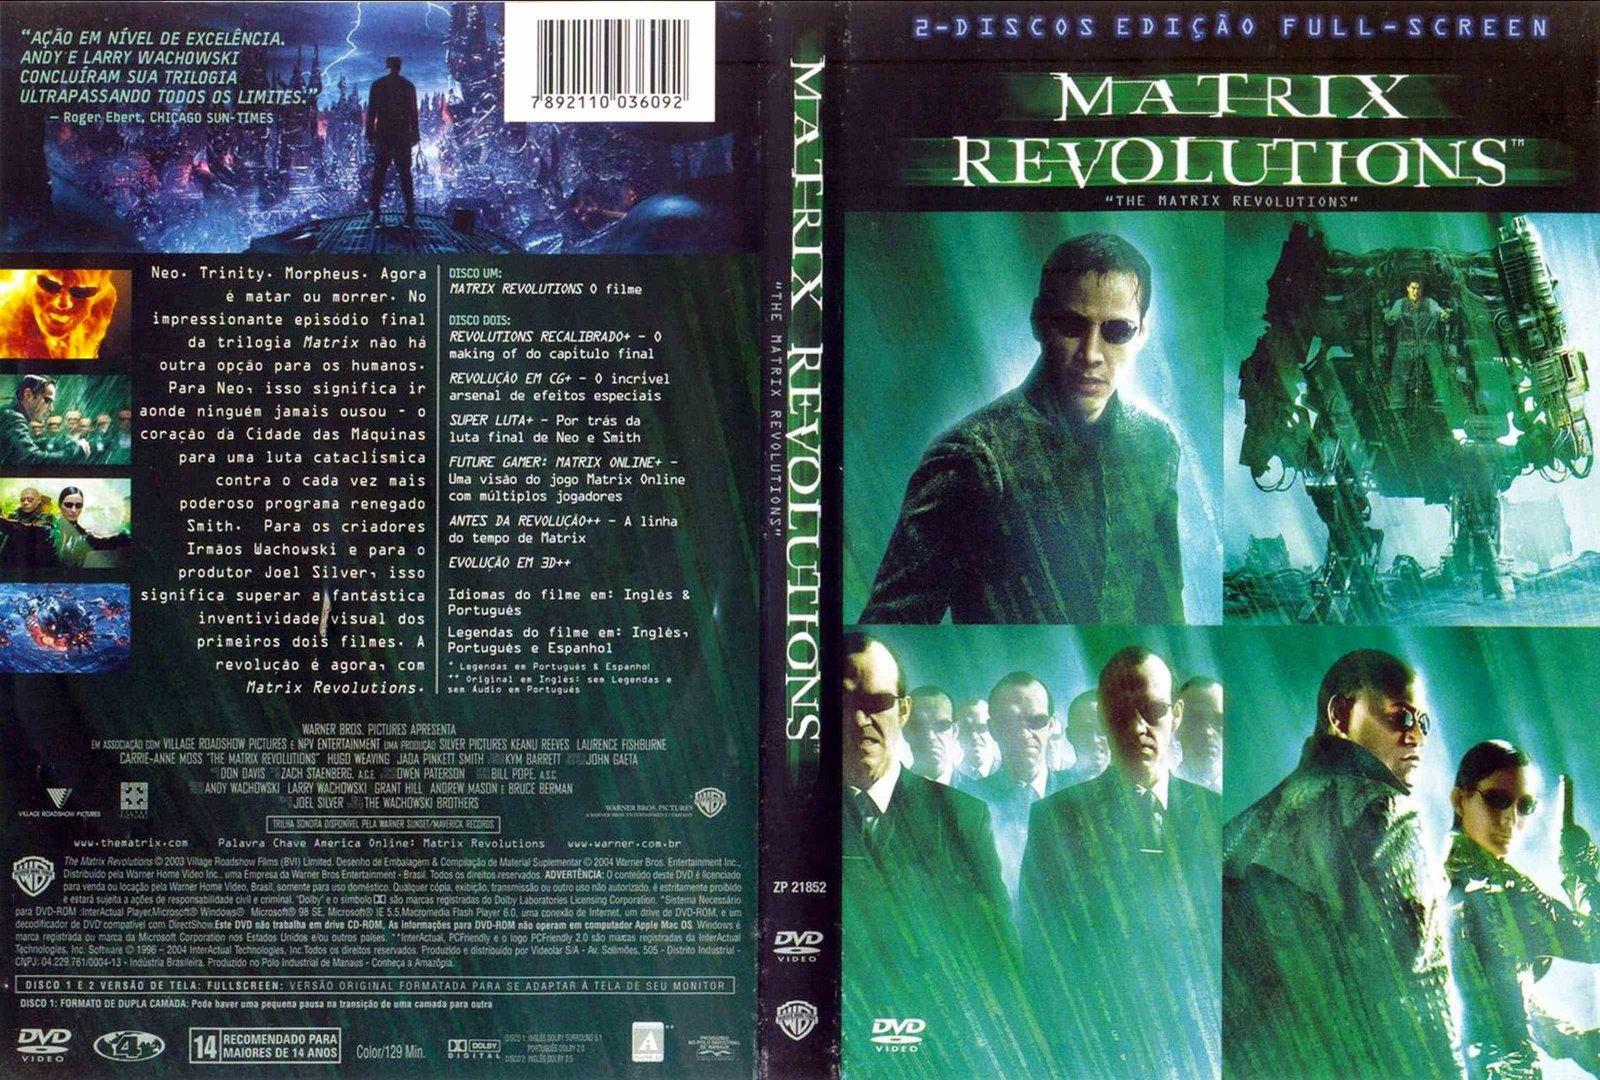 http://2.bp.blogspot.com/_pnOdTUC4iSY/TDR85bzWPqI/AAAAAAAAAIk/IyZwbsuWvoc/s1600/Matrix_Revolutions.jpg